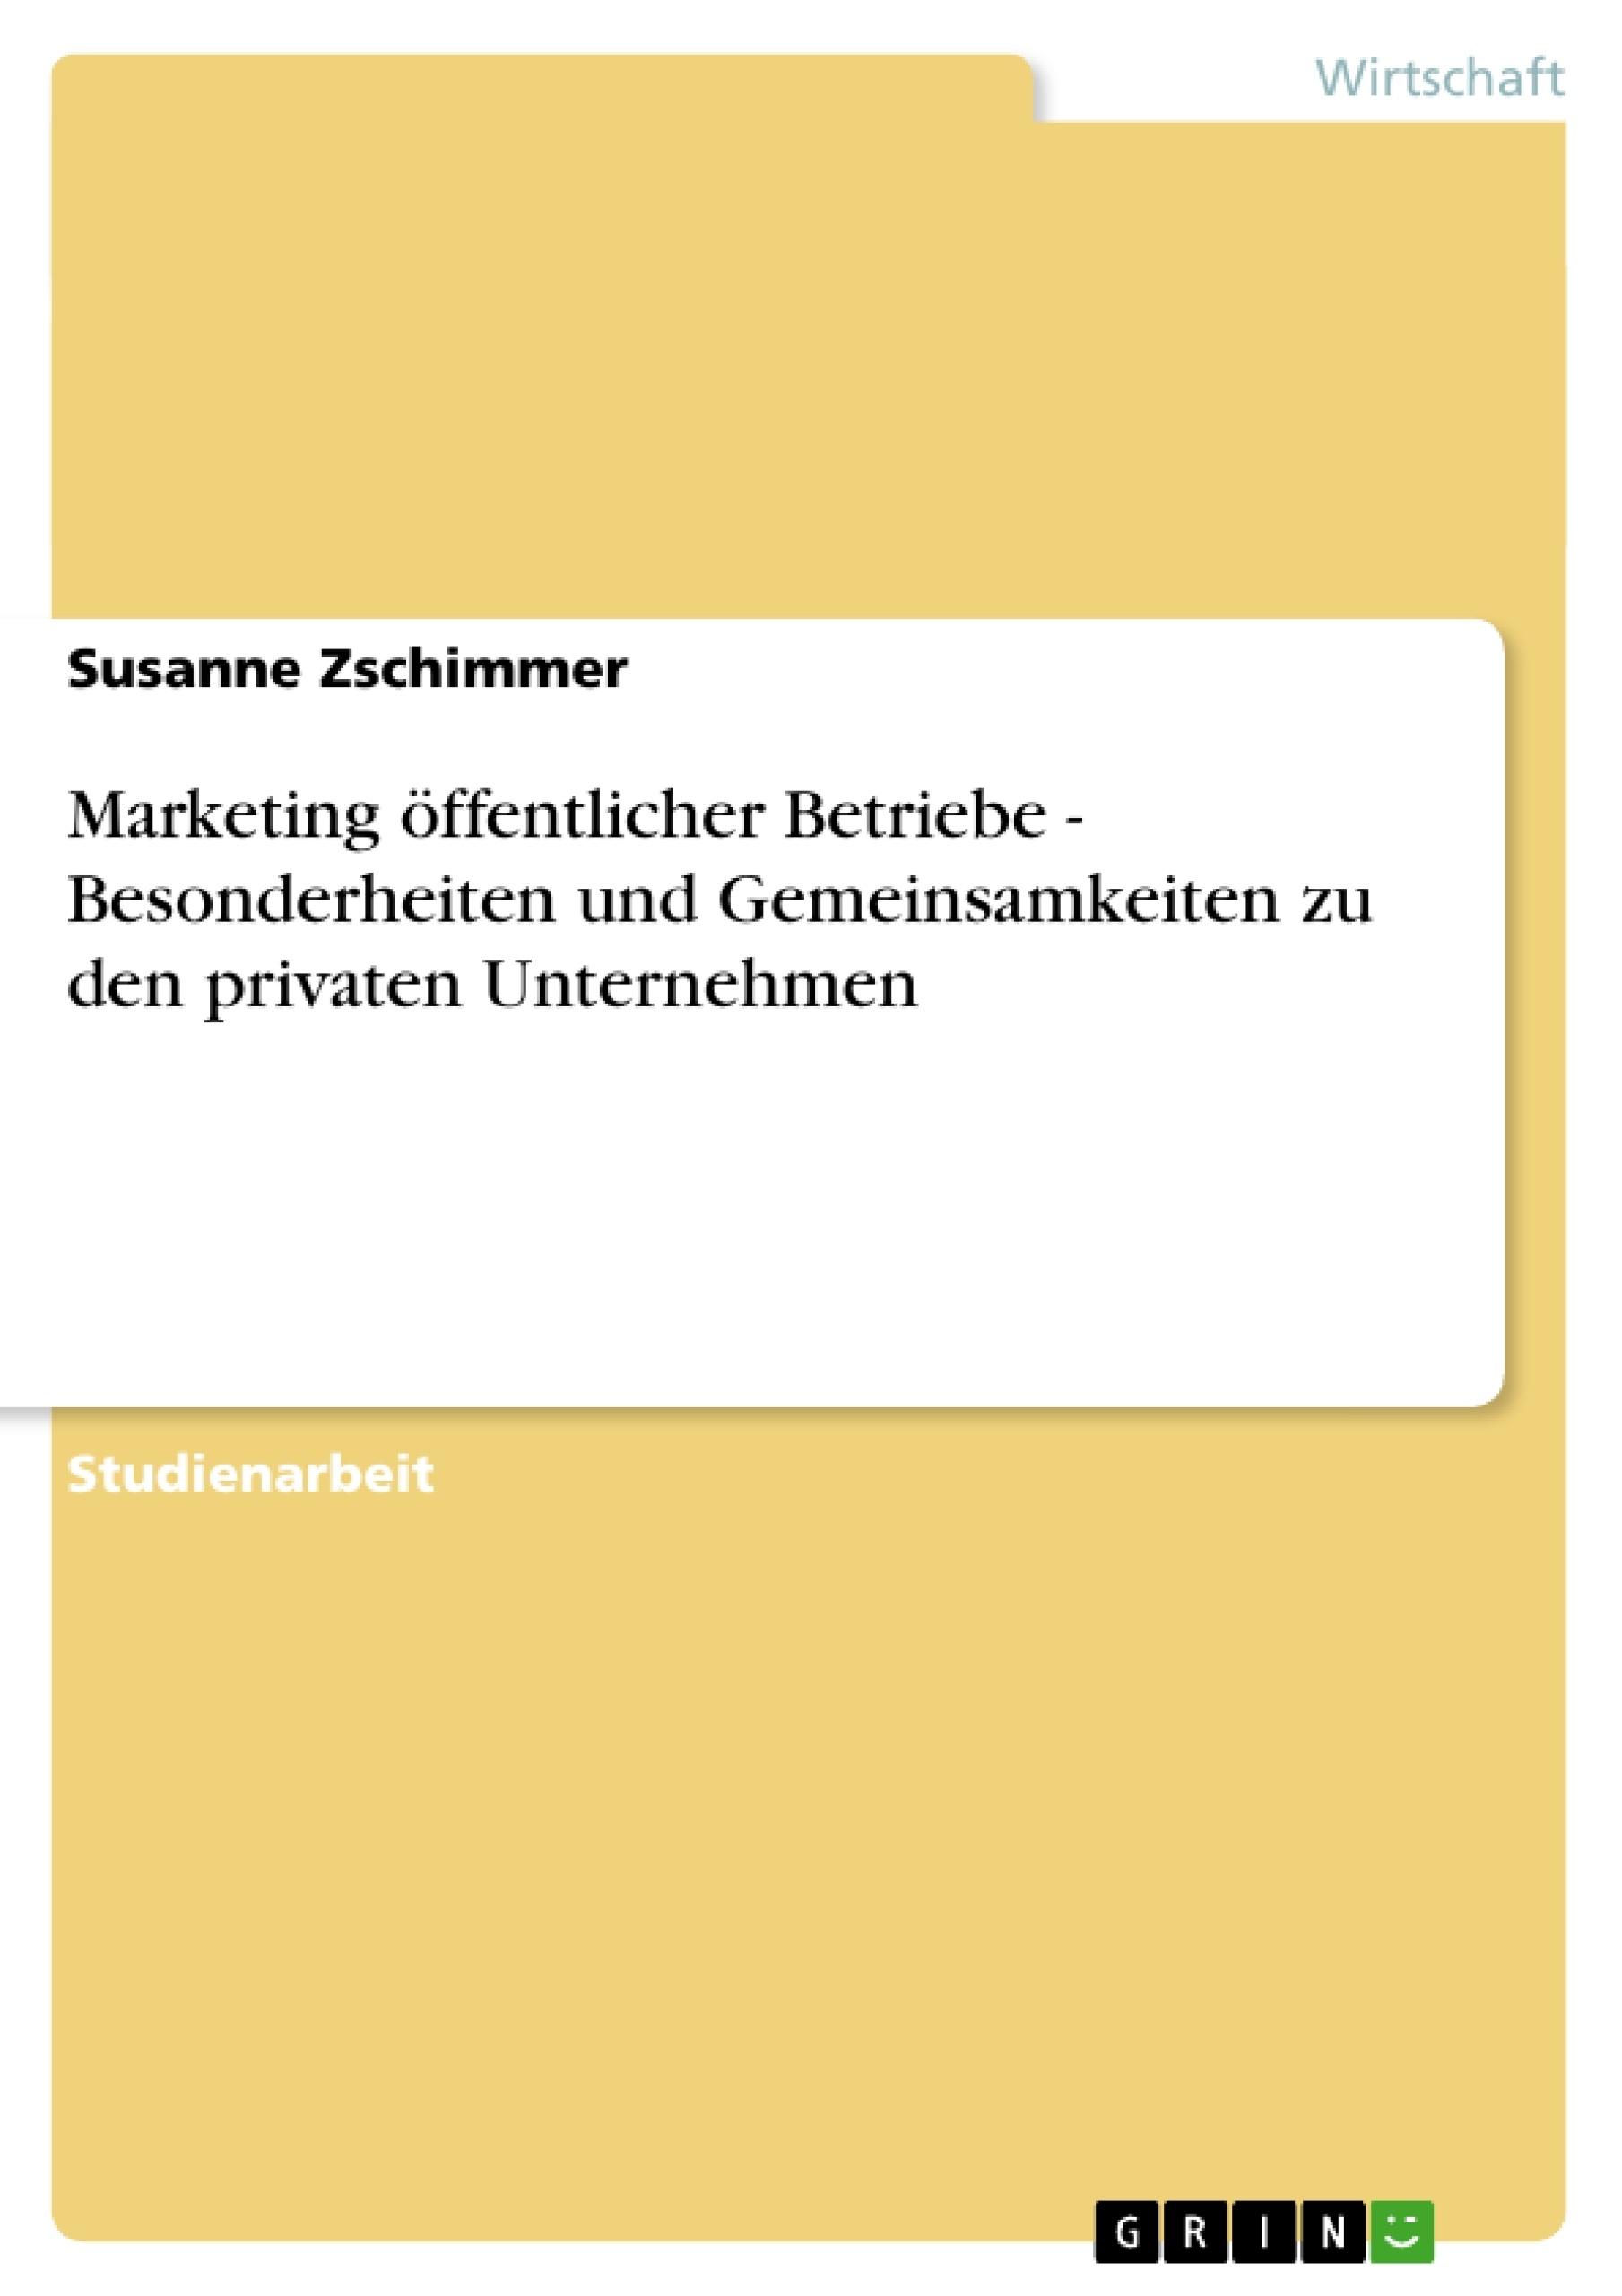 Titel: Marketing öffentlicher Betriebe - Besonderheiten und Gemeinsamkeiten zu den privaten Unternehmen